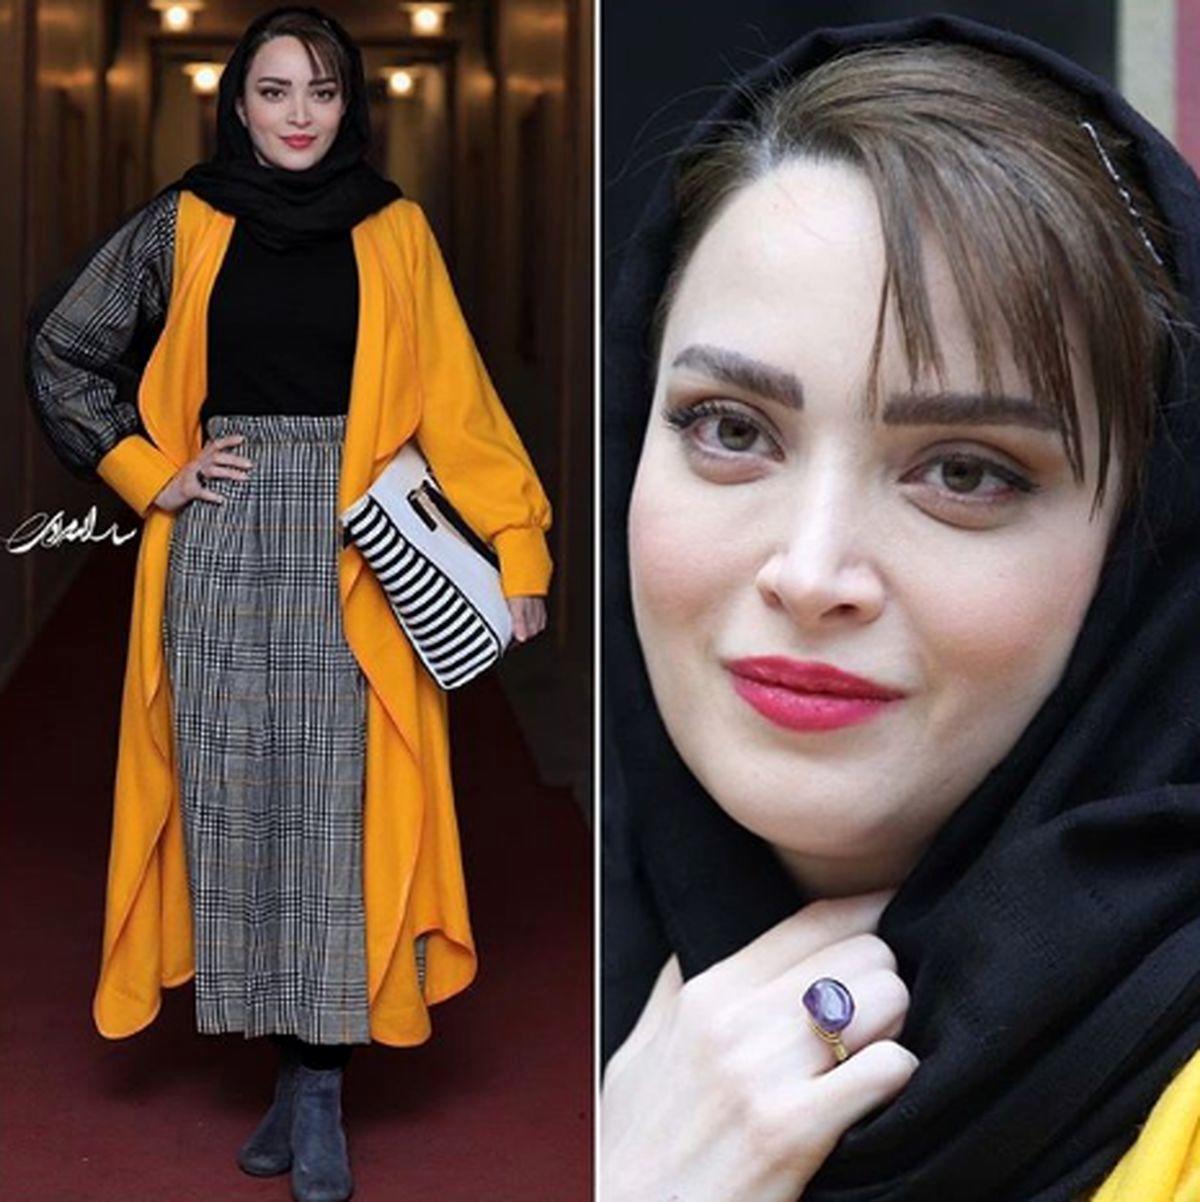 پوشش متفاوت بهنوش طباطبایی در تهران و مشهد جنجال به پا کرد